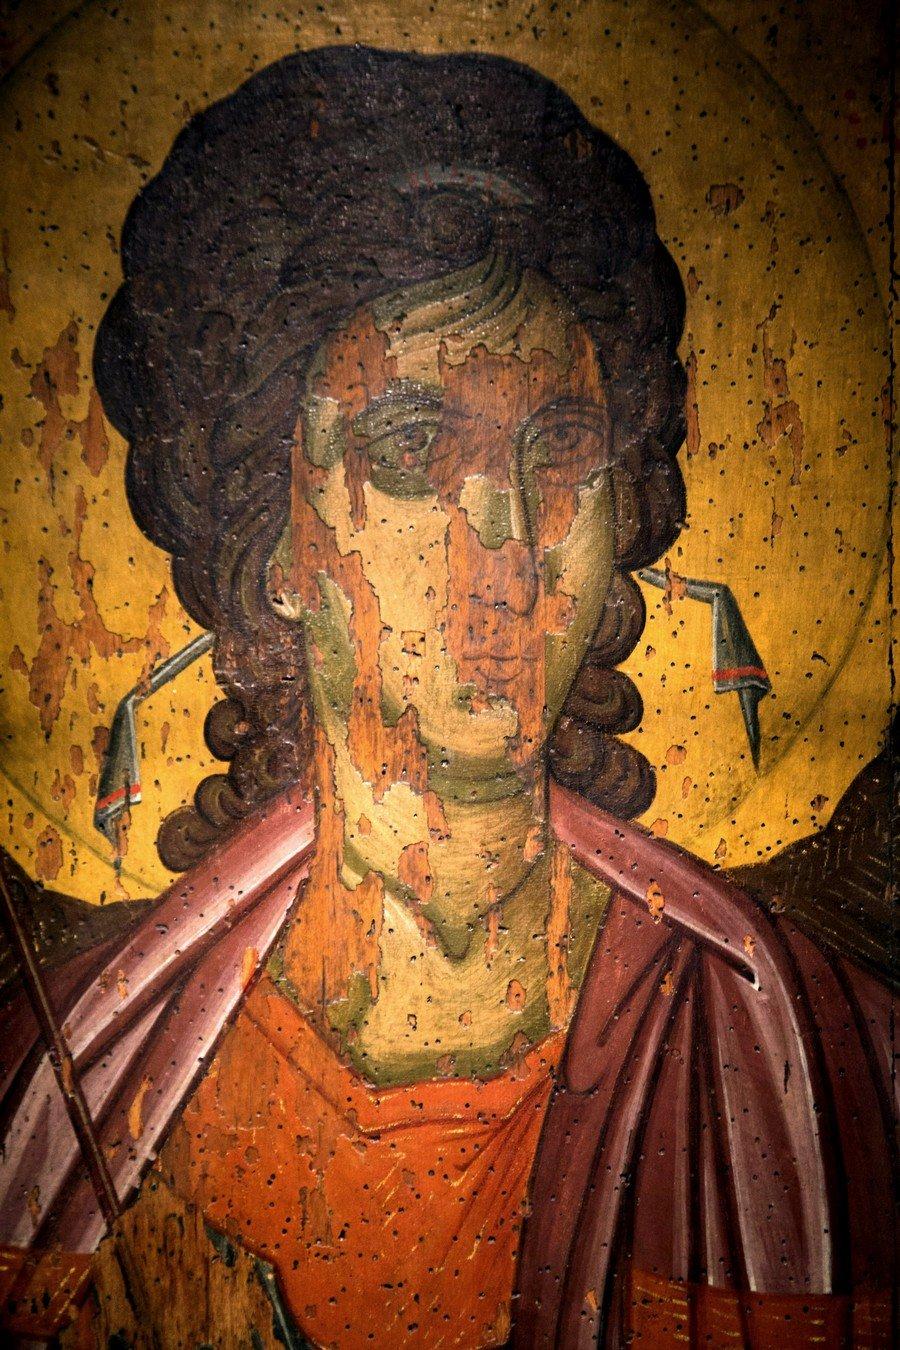 Архангел Михаил. Икона из деисиса монастыря Убиса (Убиси). Грузия, XIV век. Фрагмент.